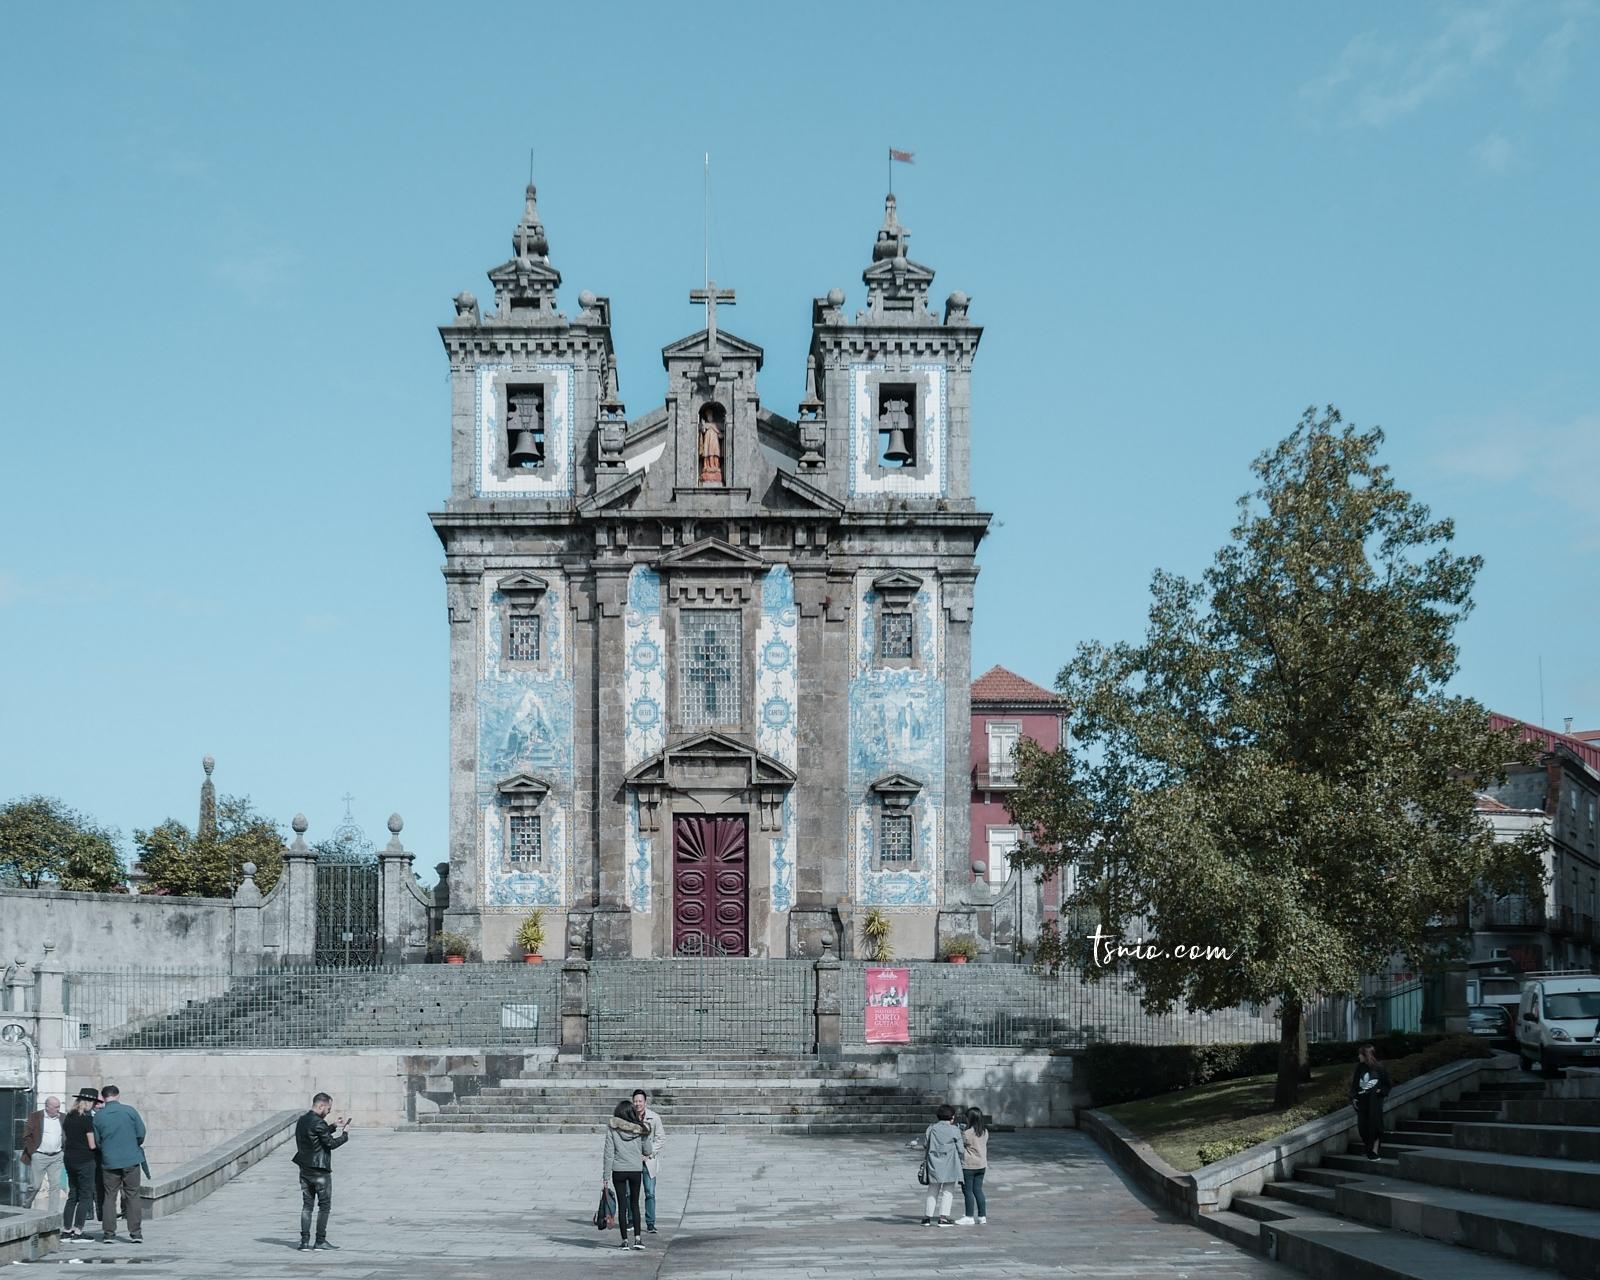 葡萄牙波多景點 Igreja de Santo Ildefonso 藍白瓷磚教堂